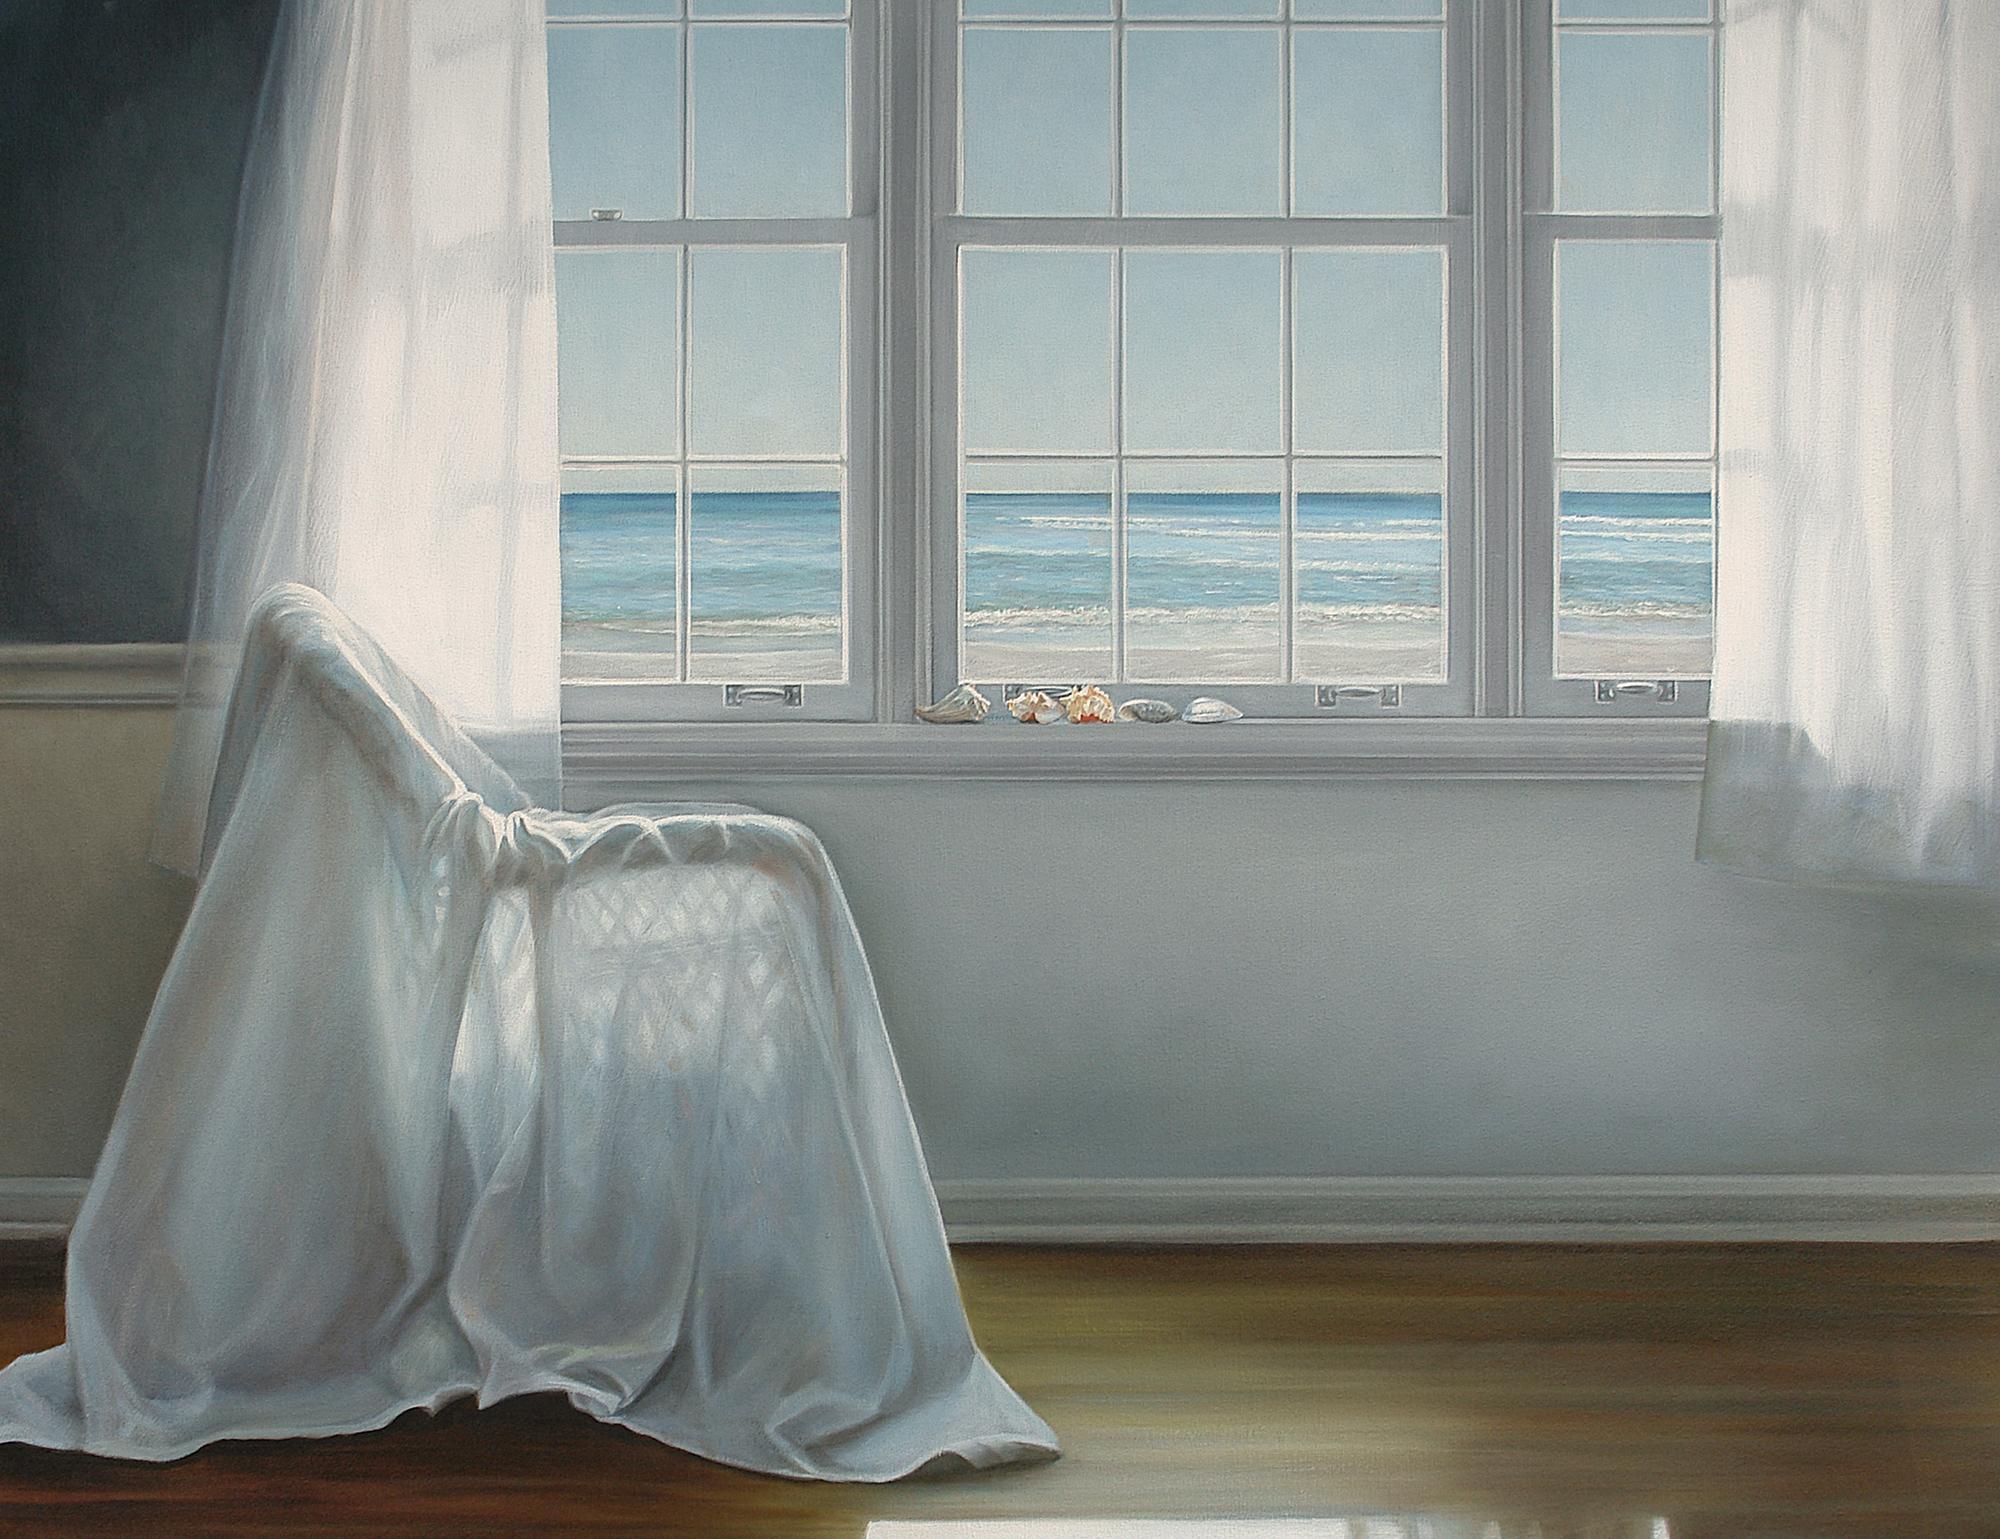 Off Season | 30 x 40 | Oil on canvas